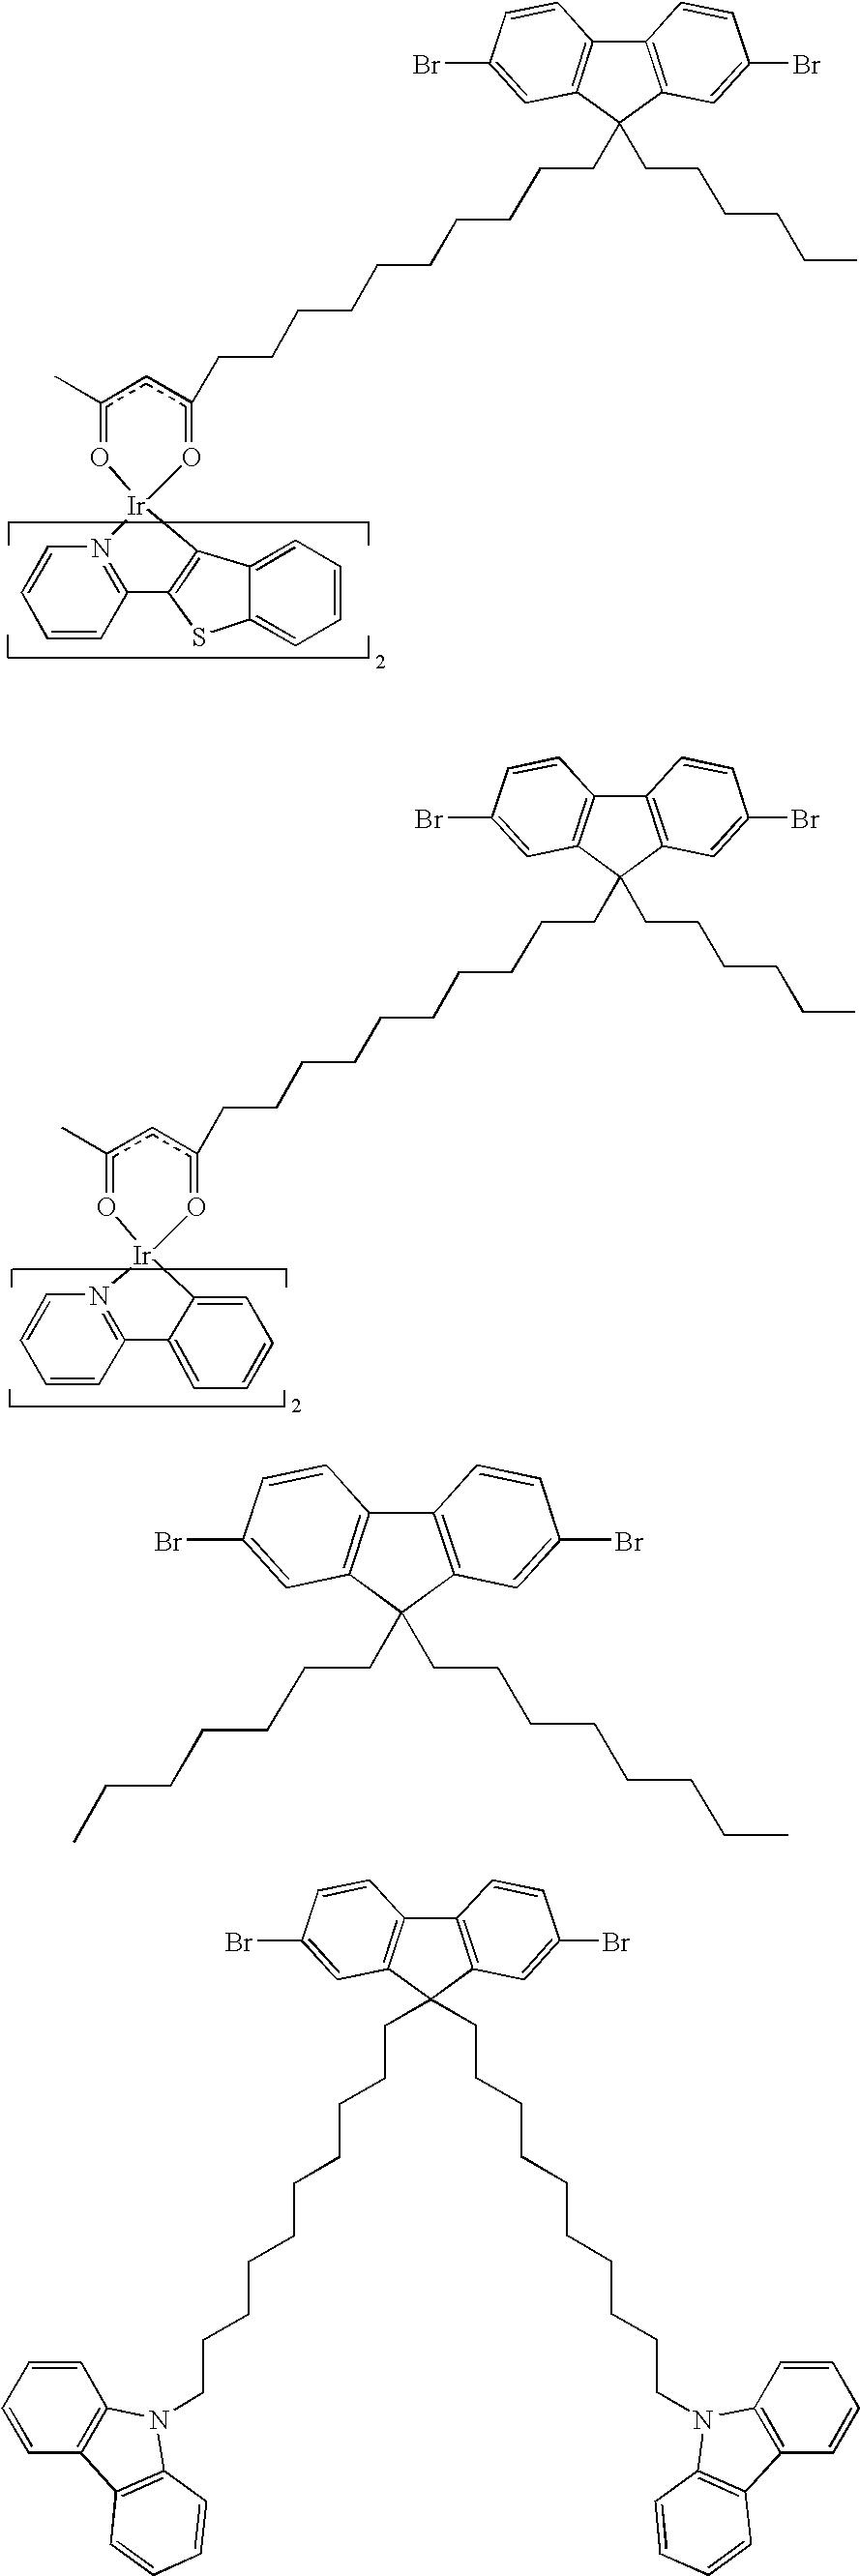 Figure US20040260047A1-20041223-C00020